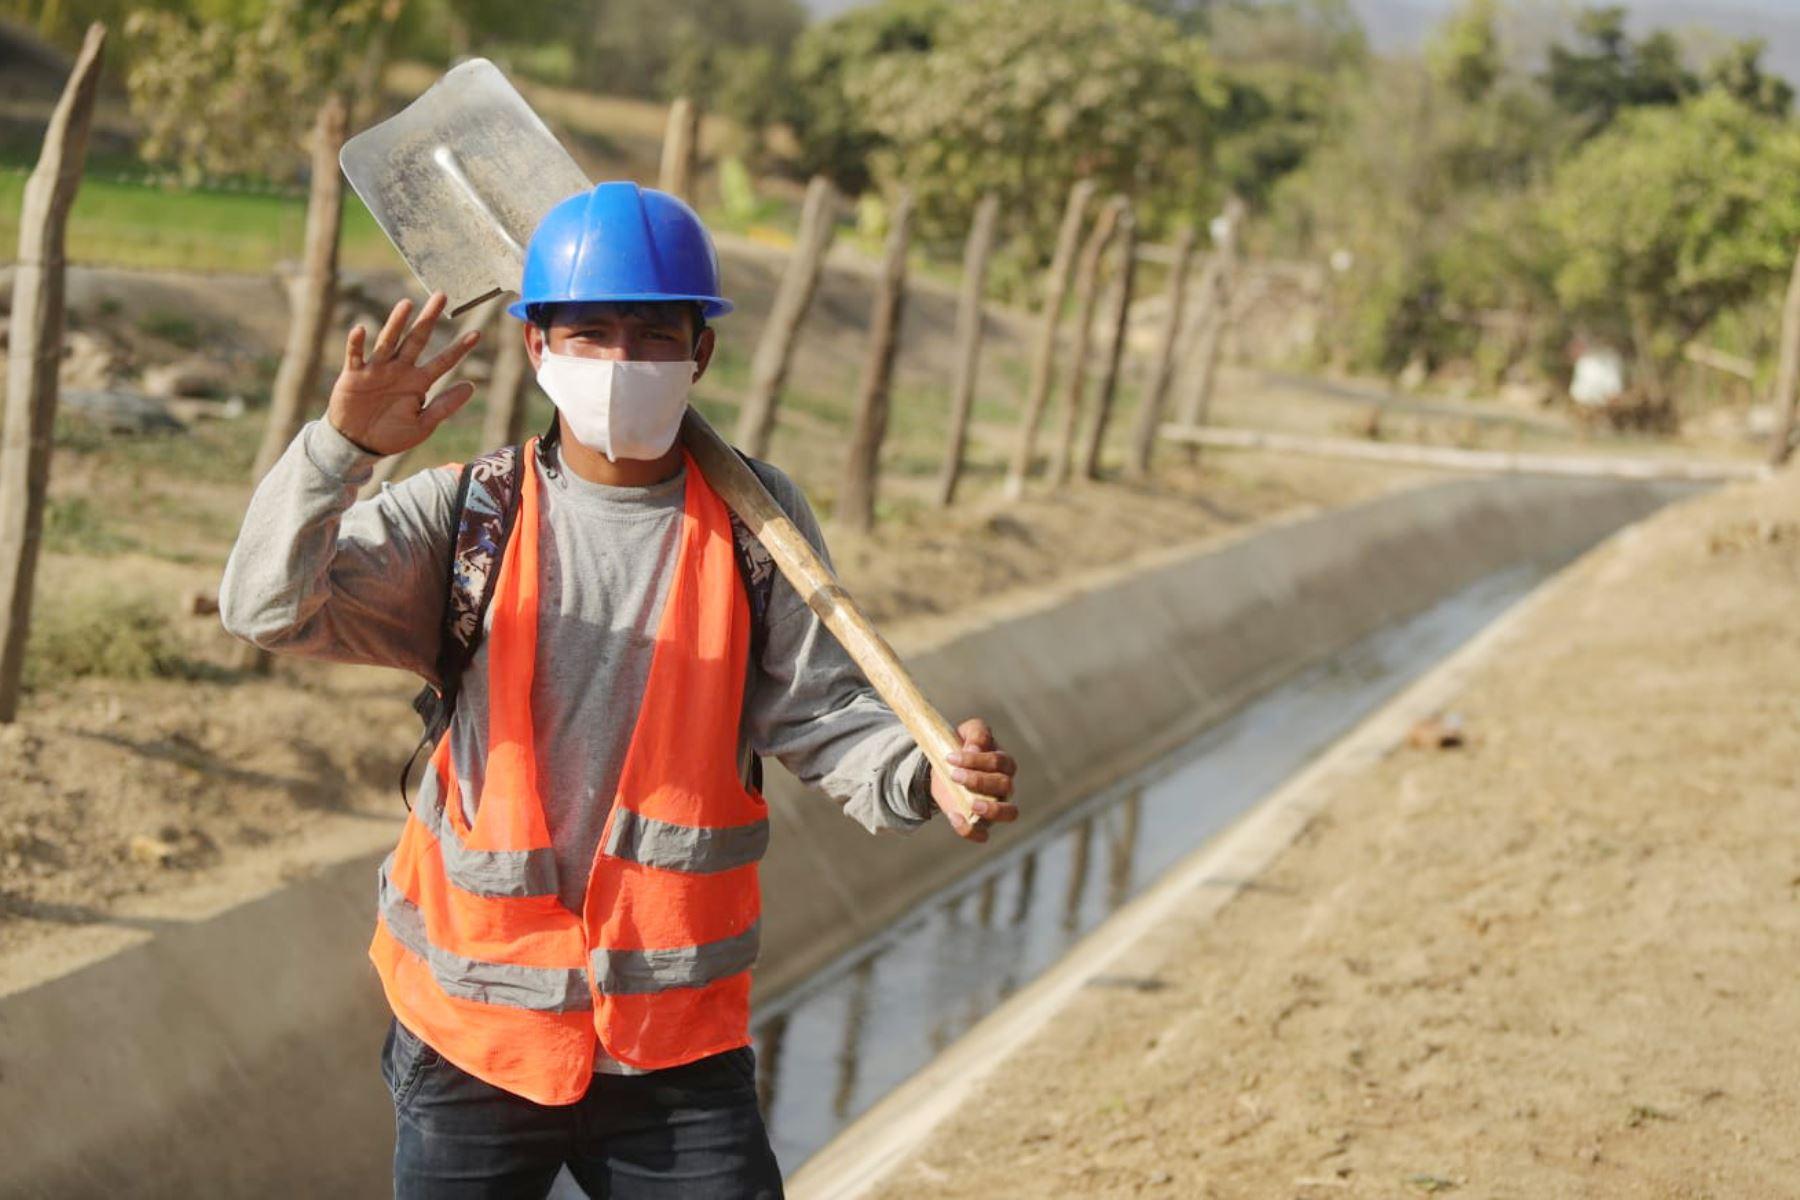 El presidente de la República, Martín Vizcarra inaugura infraestructura y hace entrega de bienes en la Cooperativa Agraria APPBOSA- Cadena de Banano orgánico en Piura. Foto: ANDINA/Prensa Presidencia